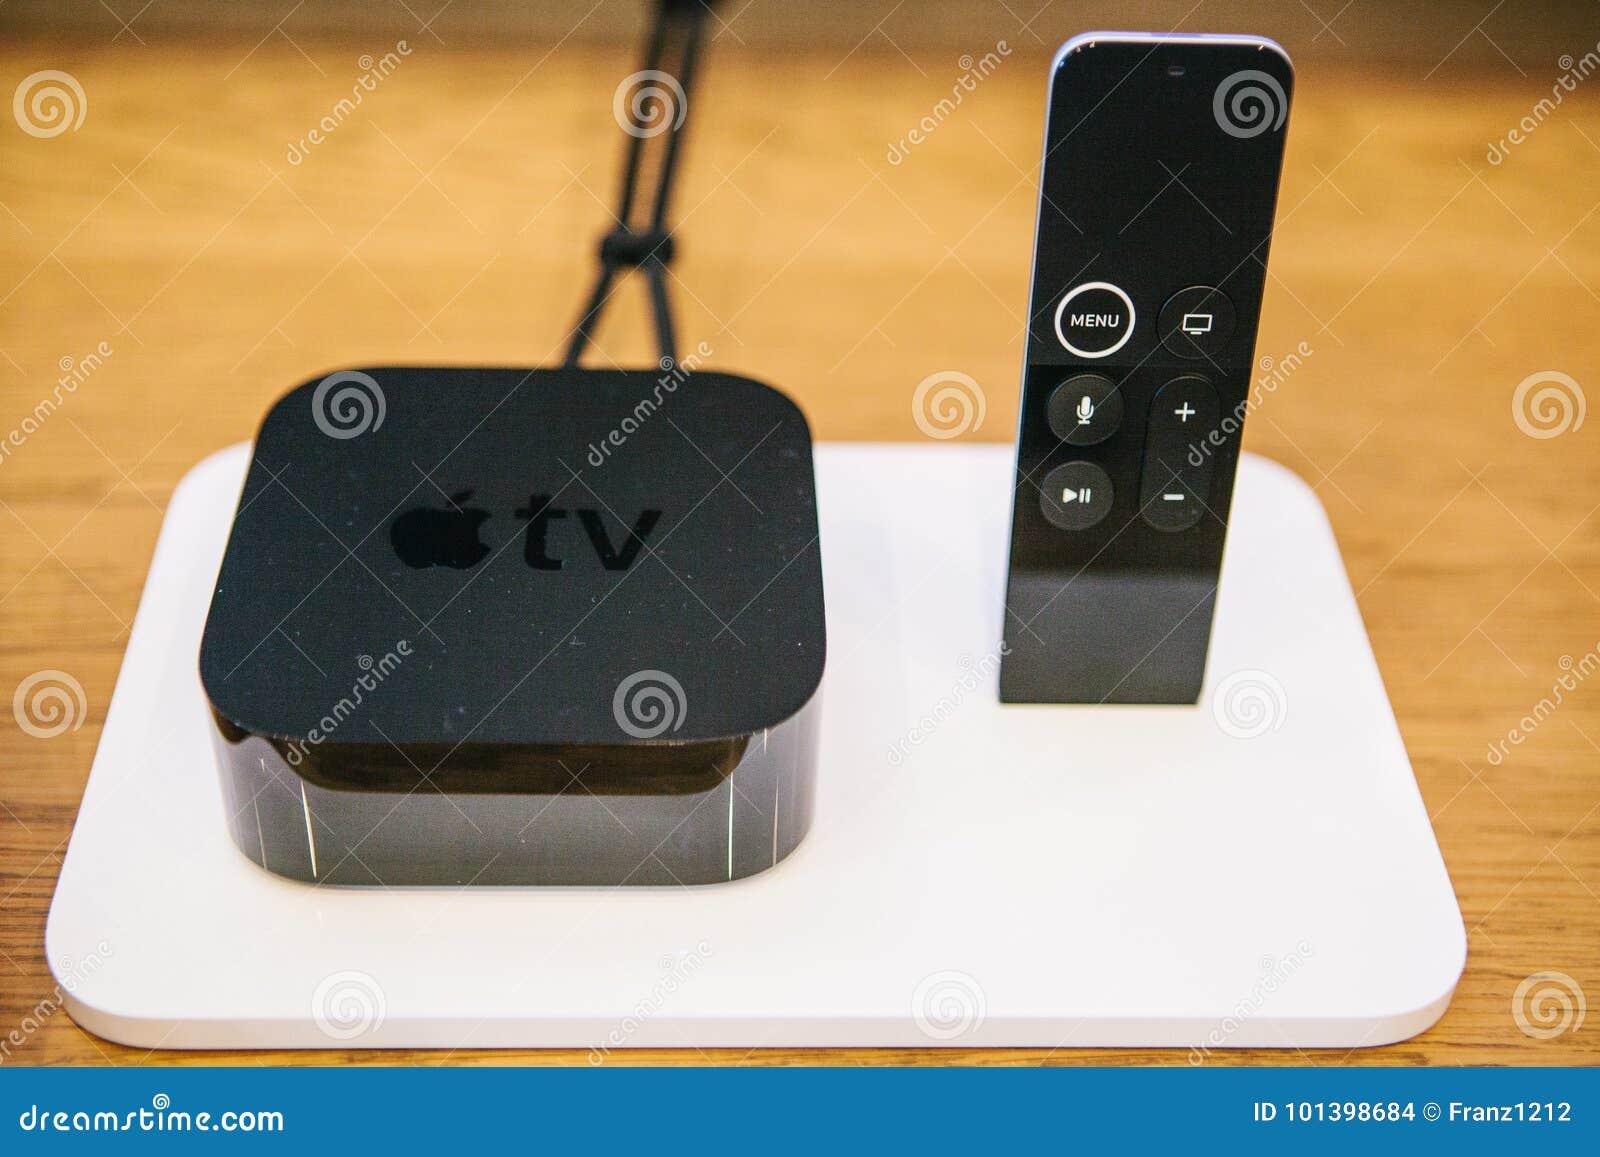 Berlijn, 2 Oktober, 2017: presentatie van nieuwe Apple-producten in de officiële Apple-opslag Modern geavanceerd blok van Apple